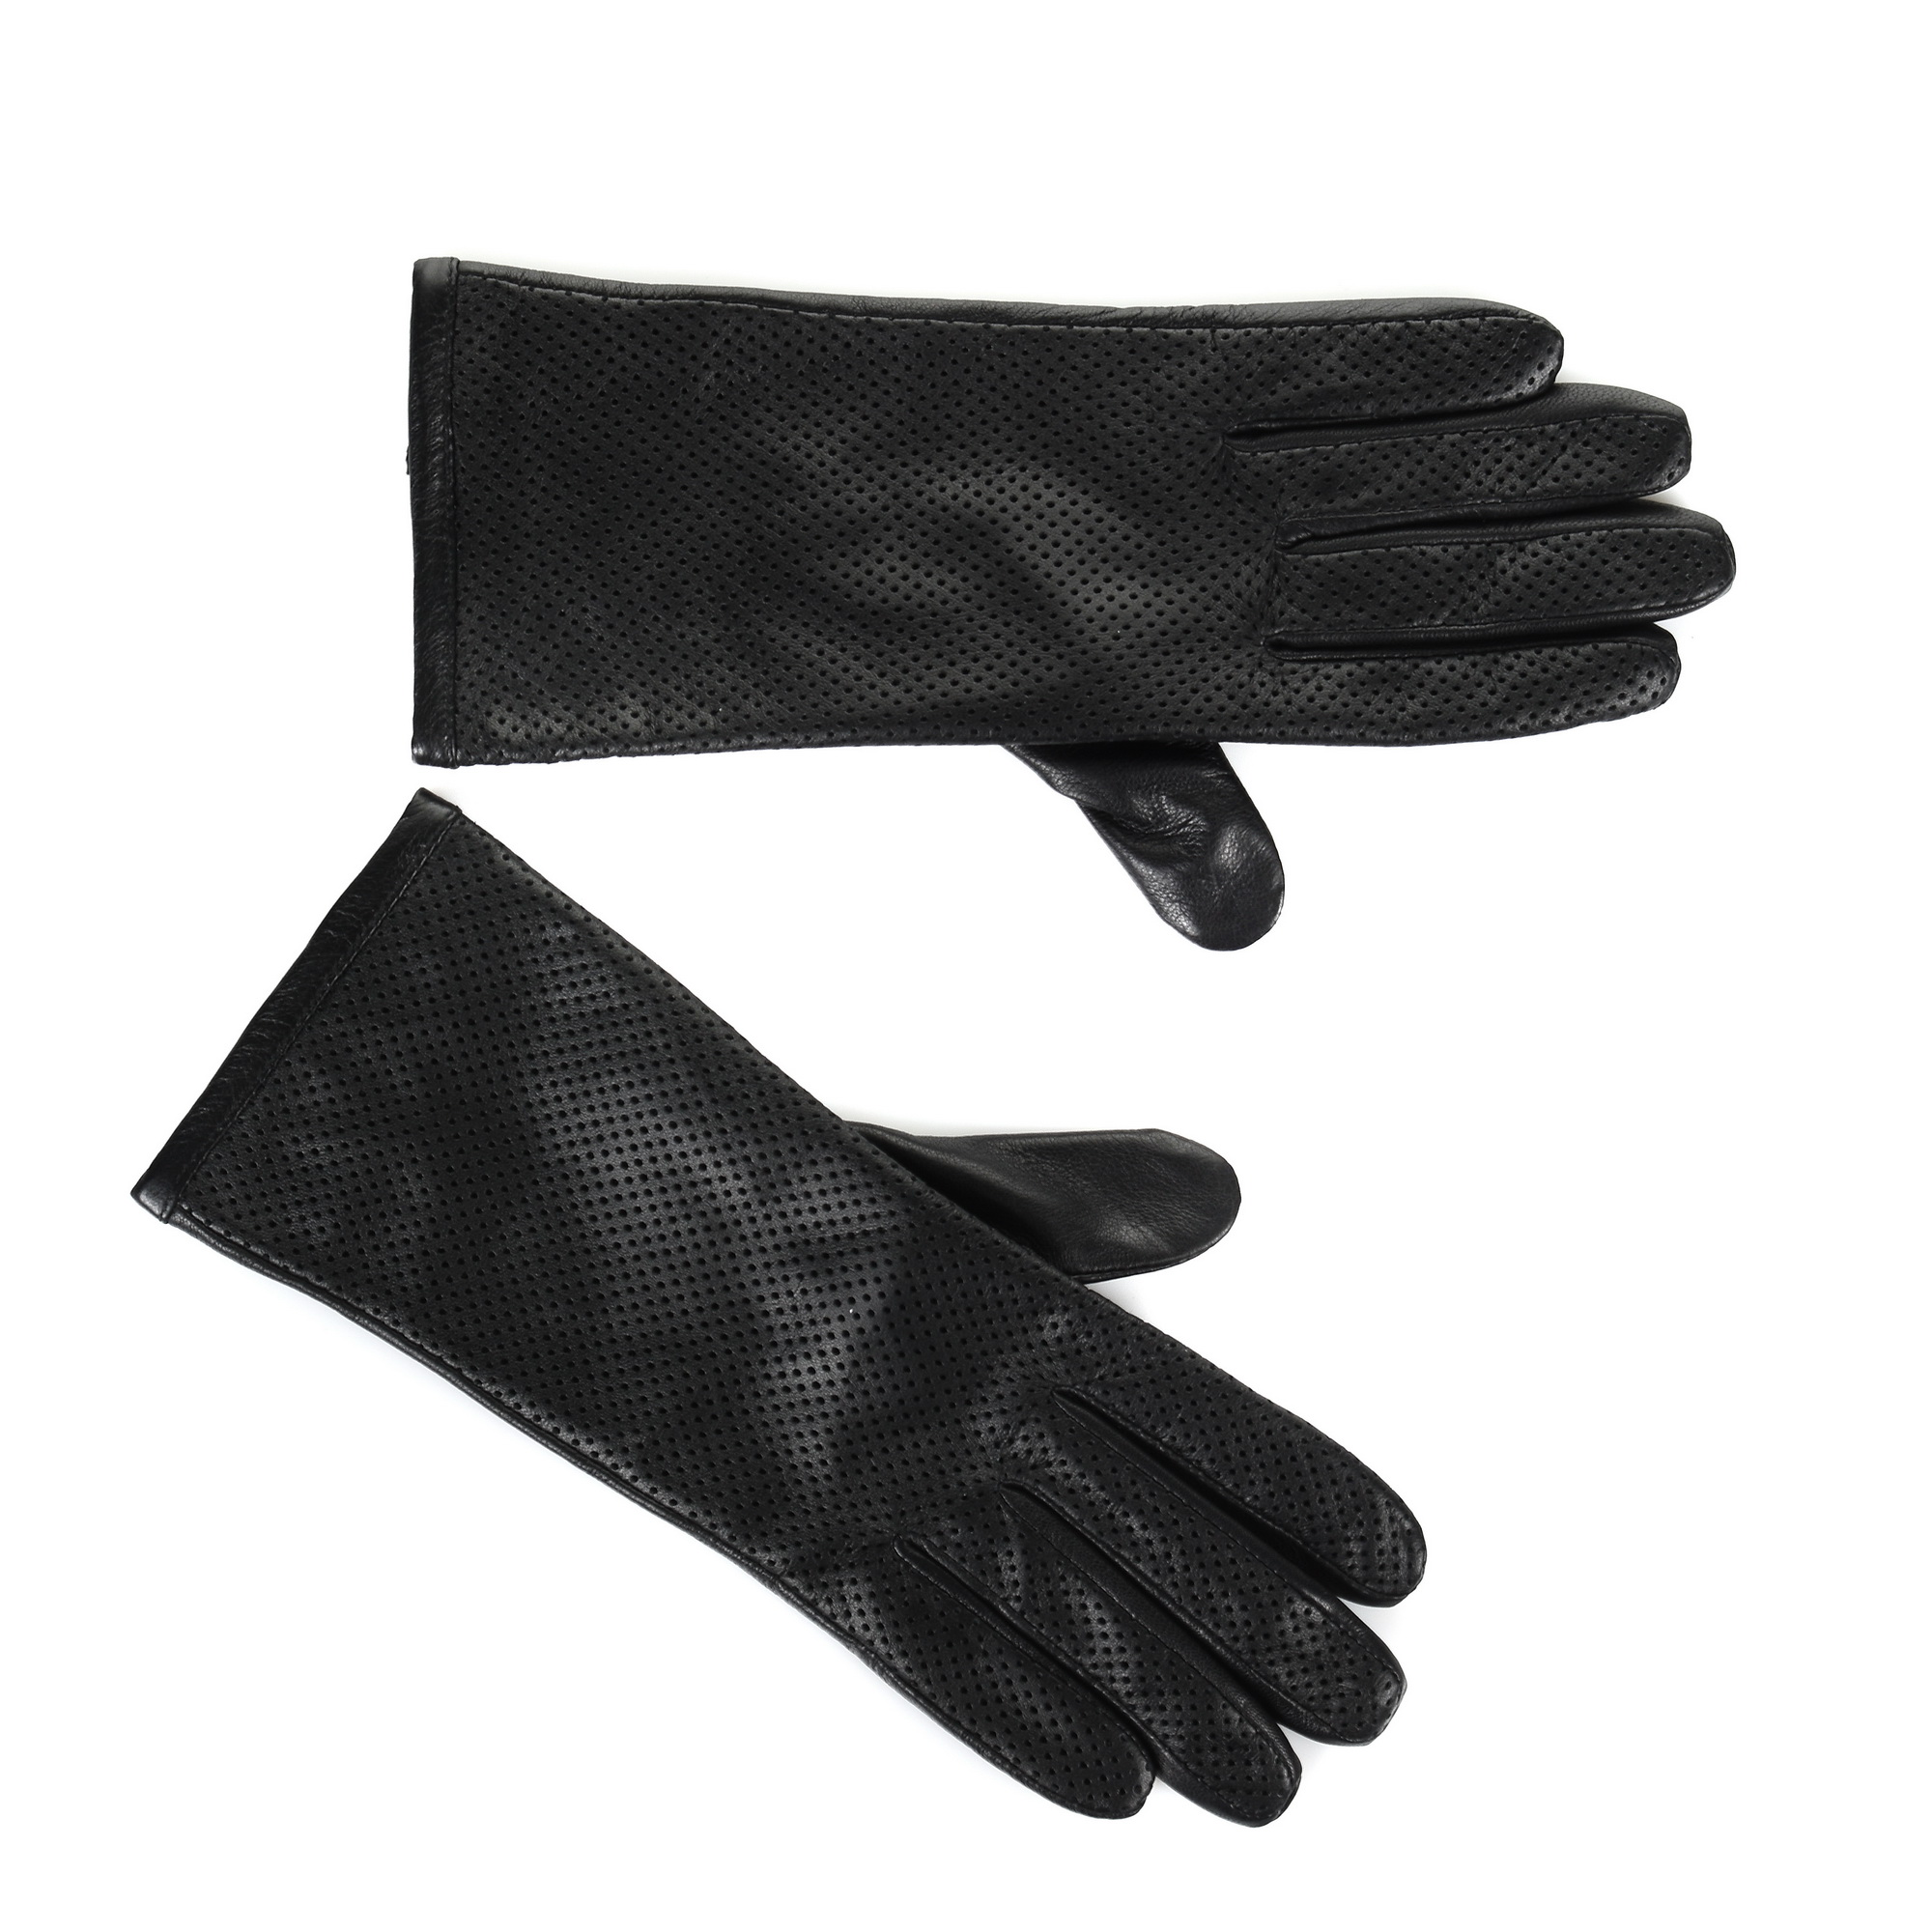 Δερμάτινα Γάντια Guy Laroche 98874 γυναικα   γυναικείο γάντι